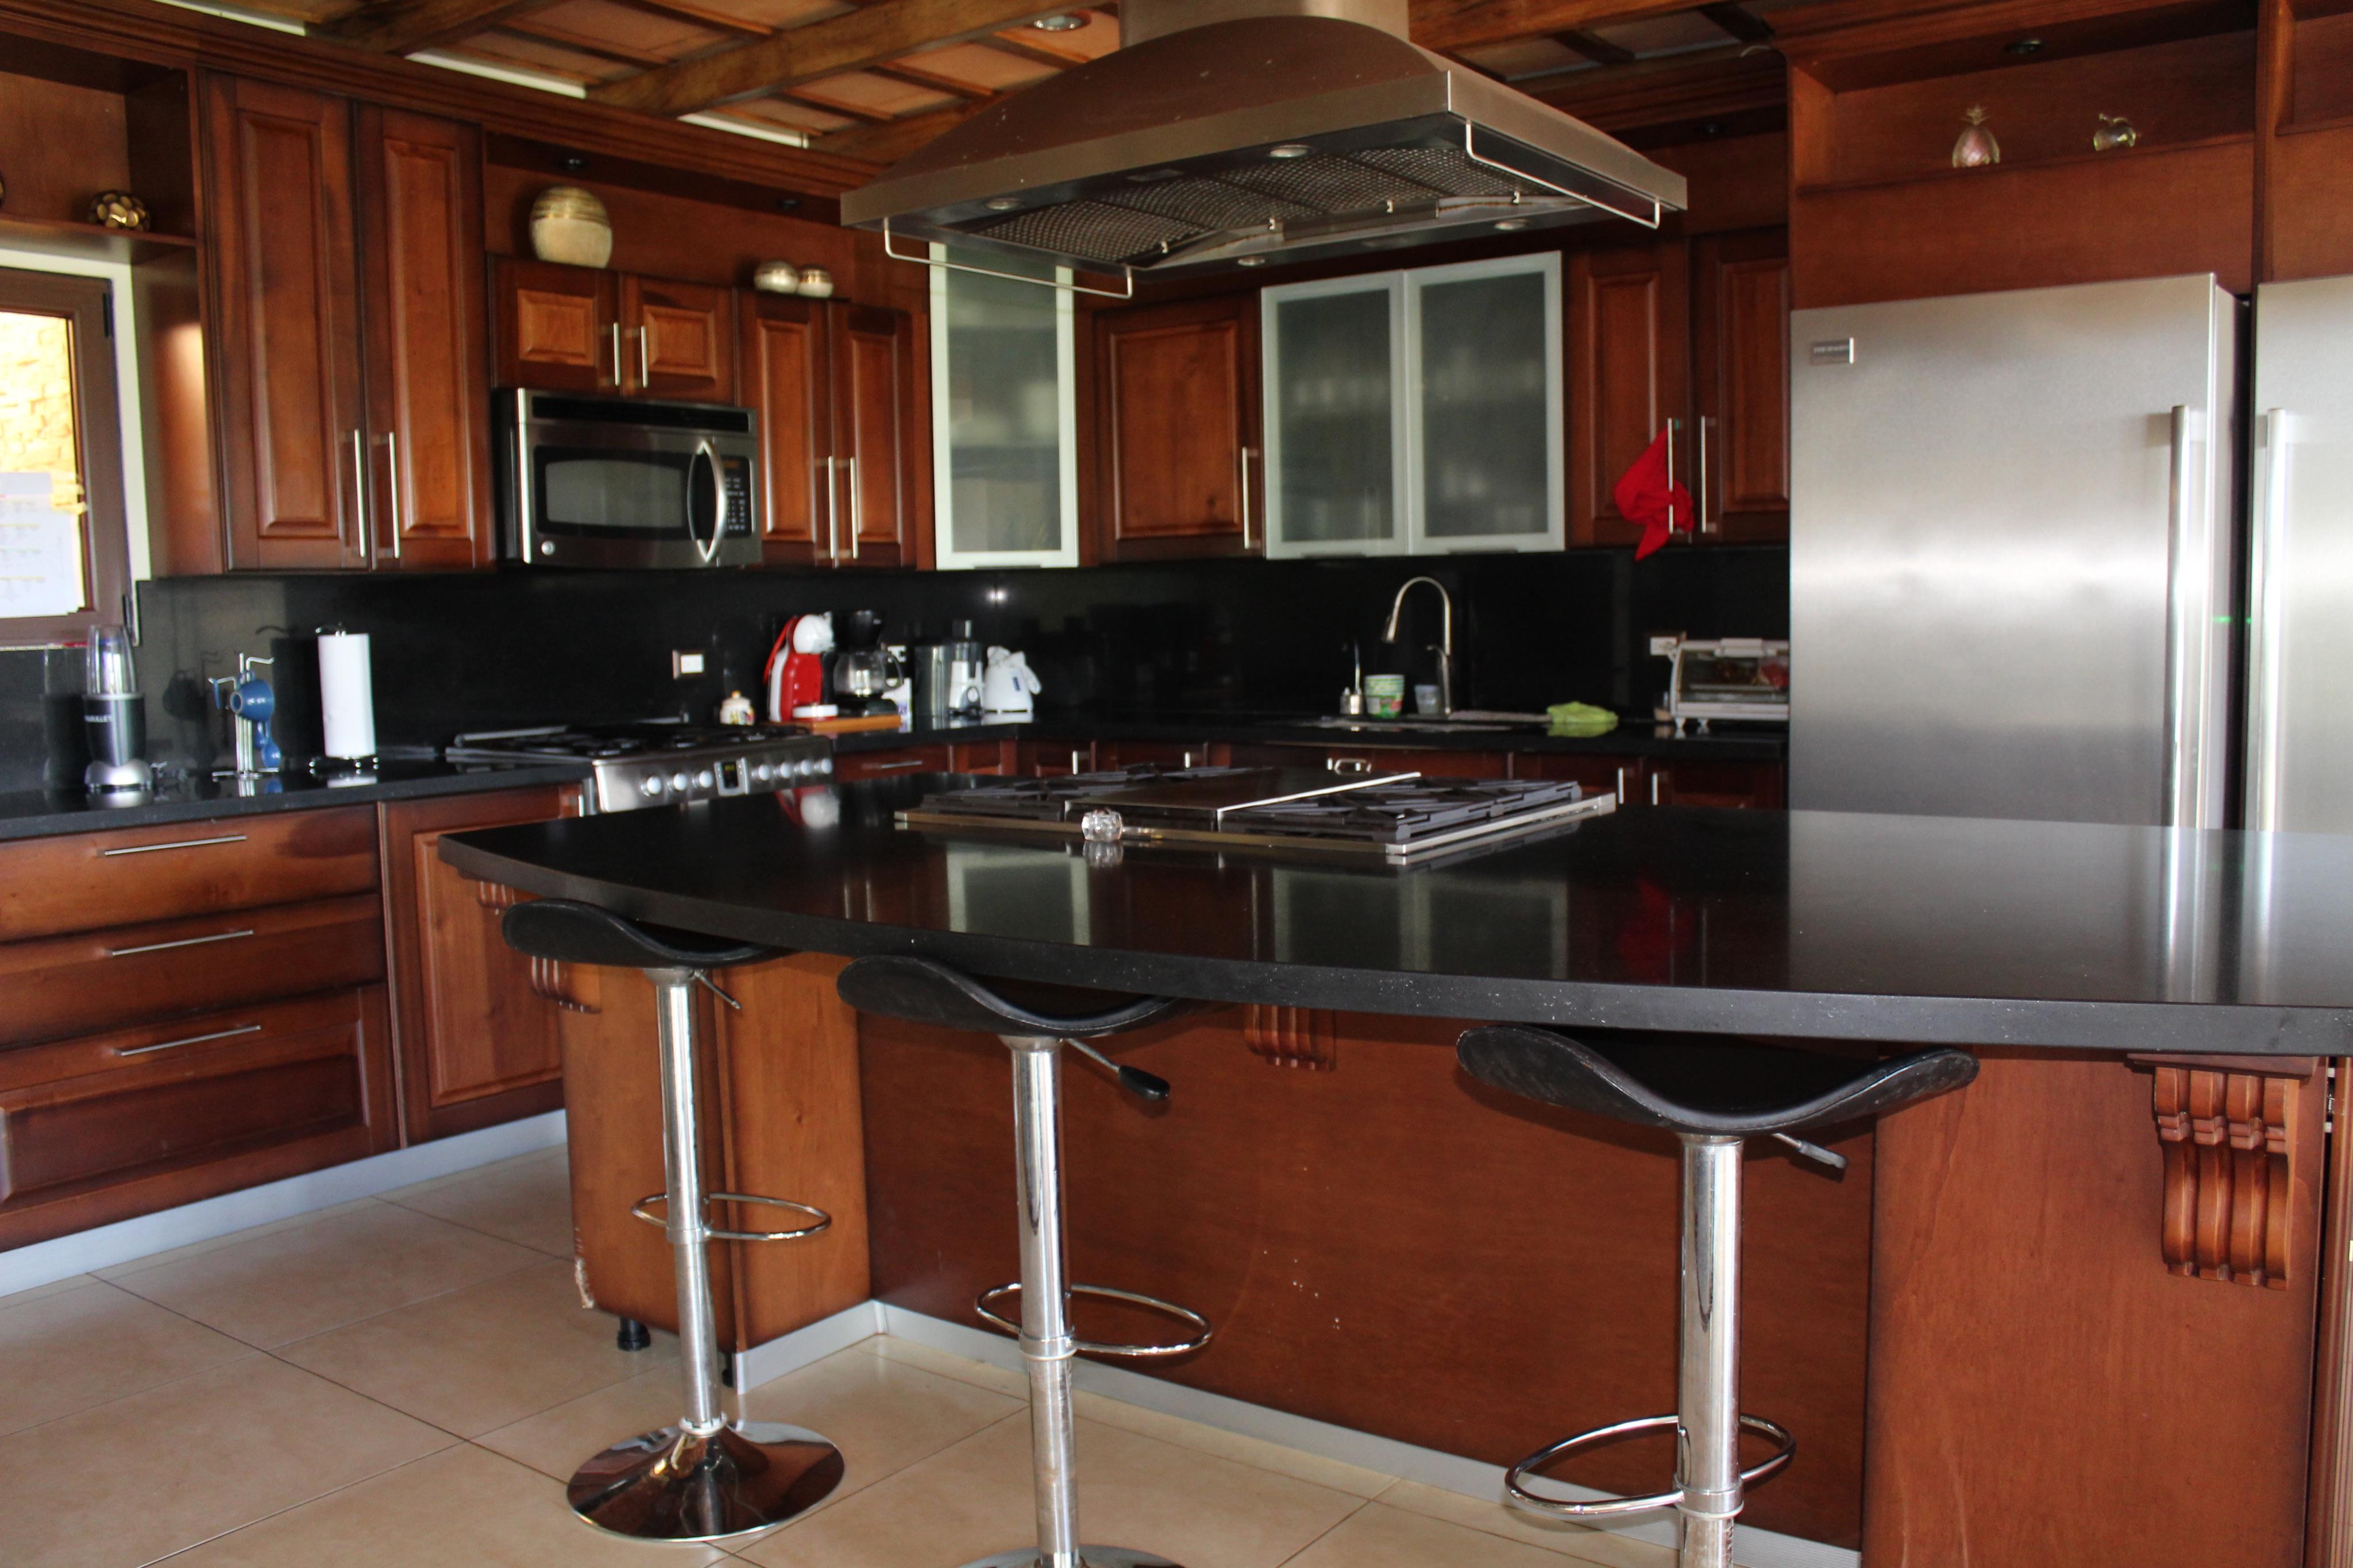 CPTCR0112 Casa en Venta Alturas de Tenerife  cocina